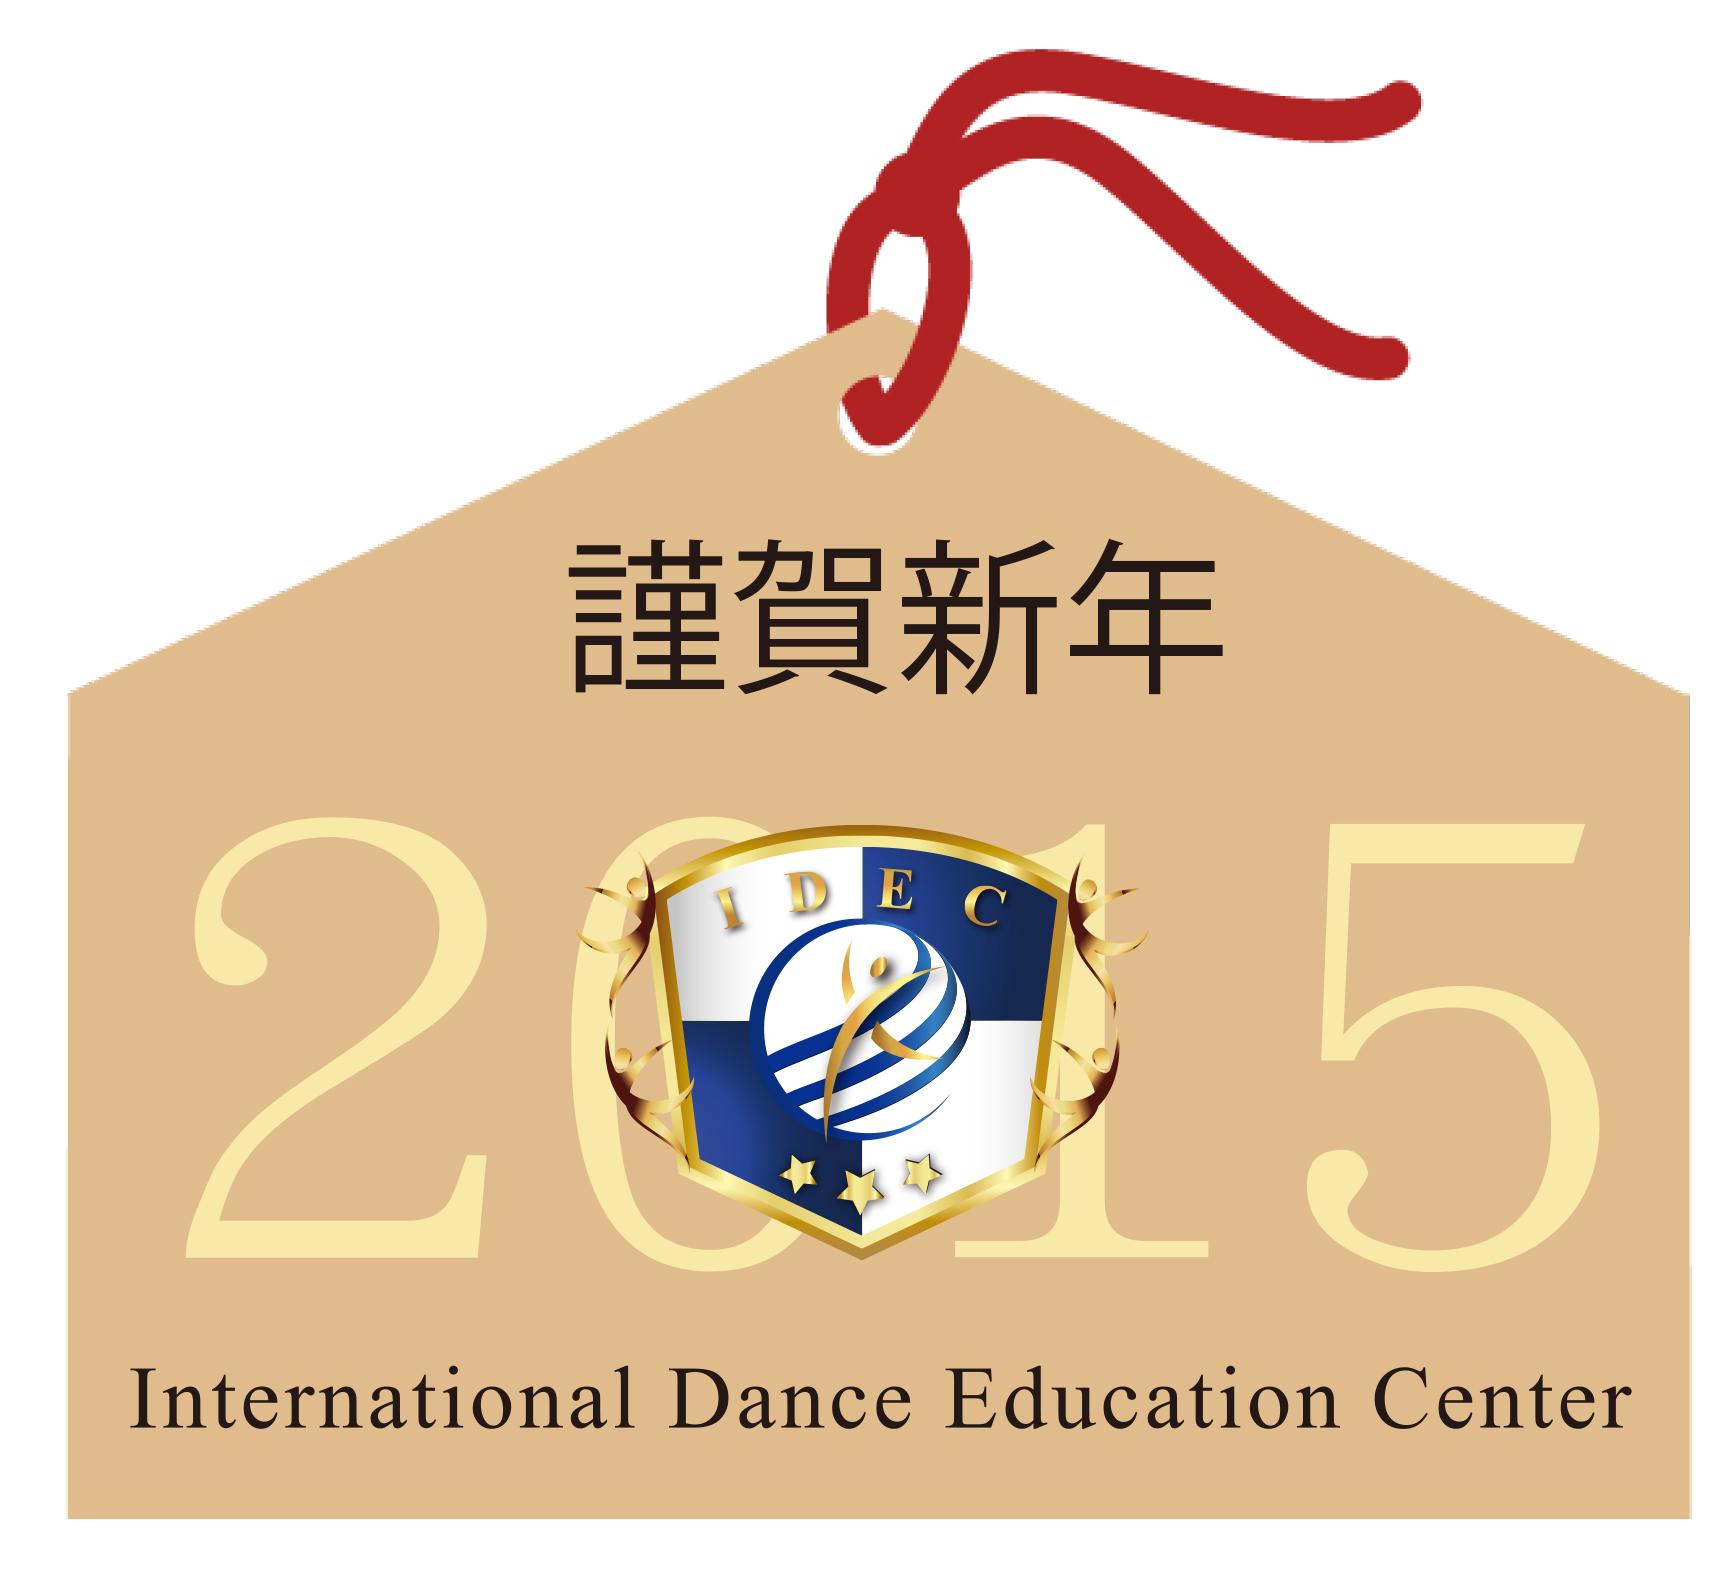 IDEC2015